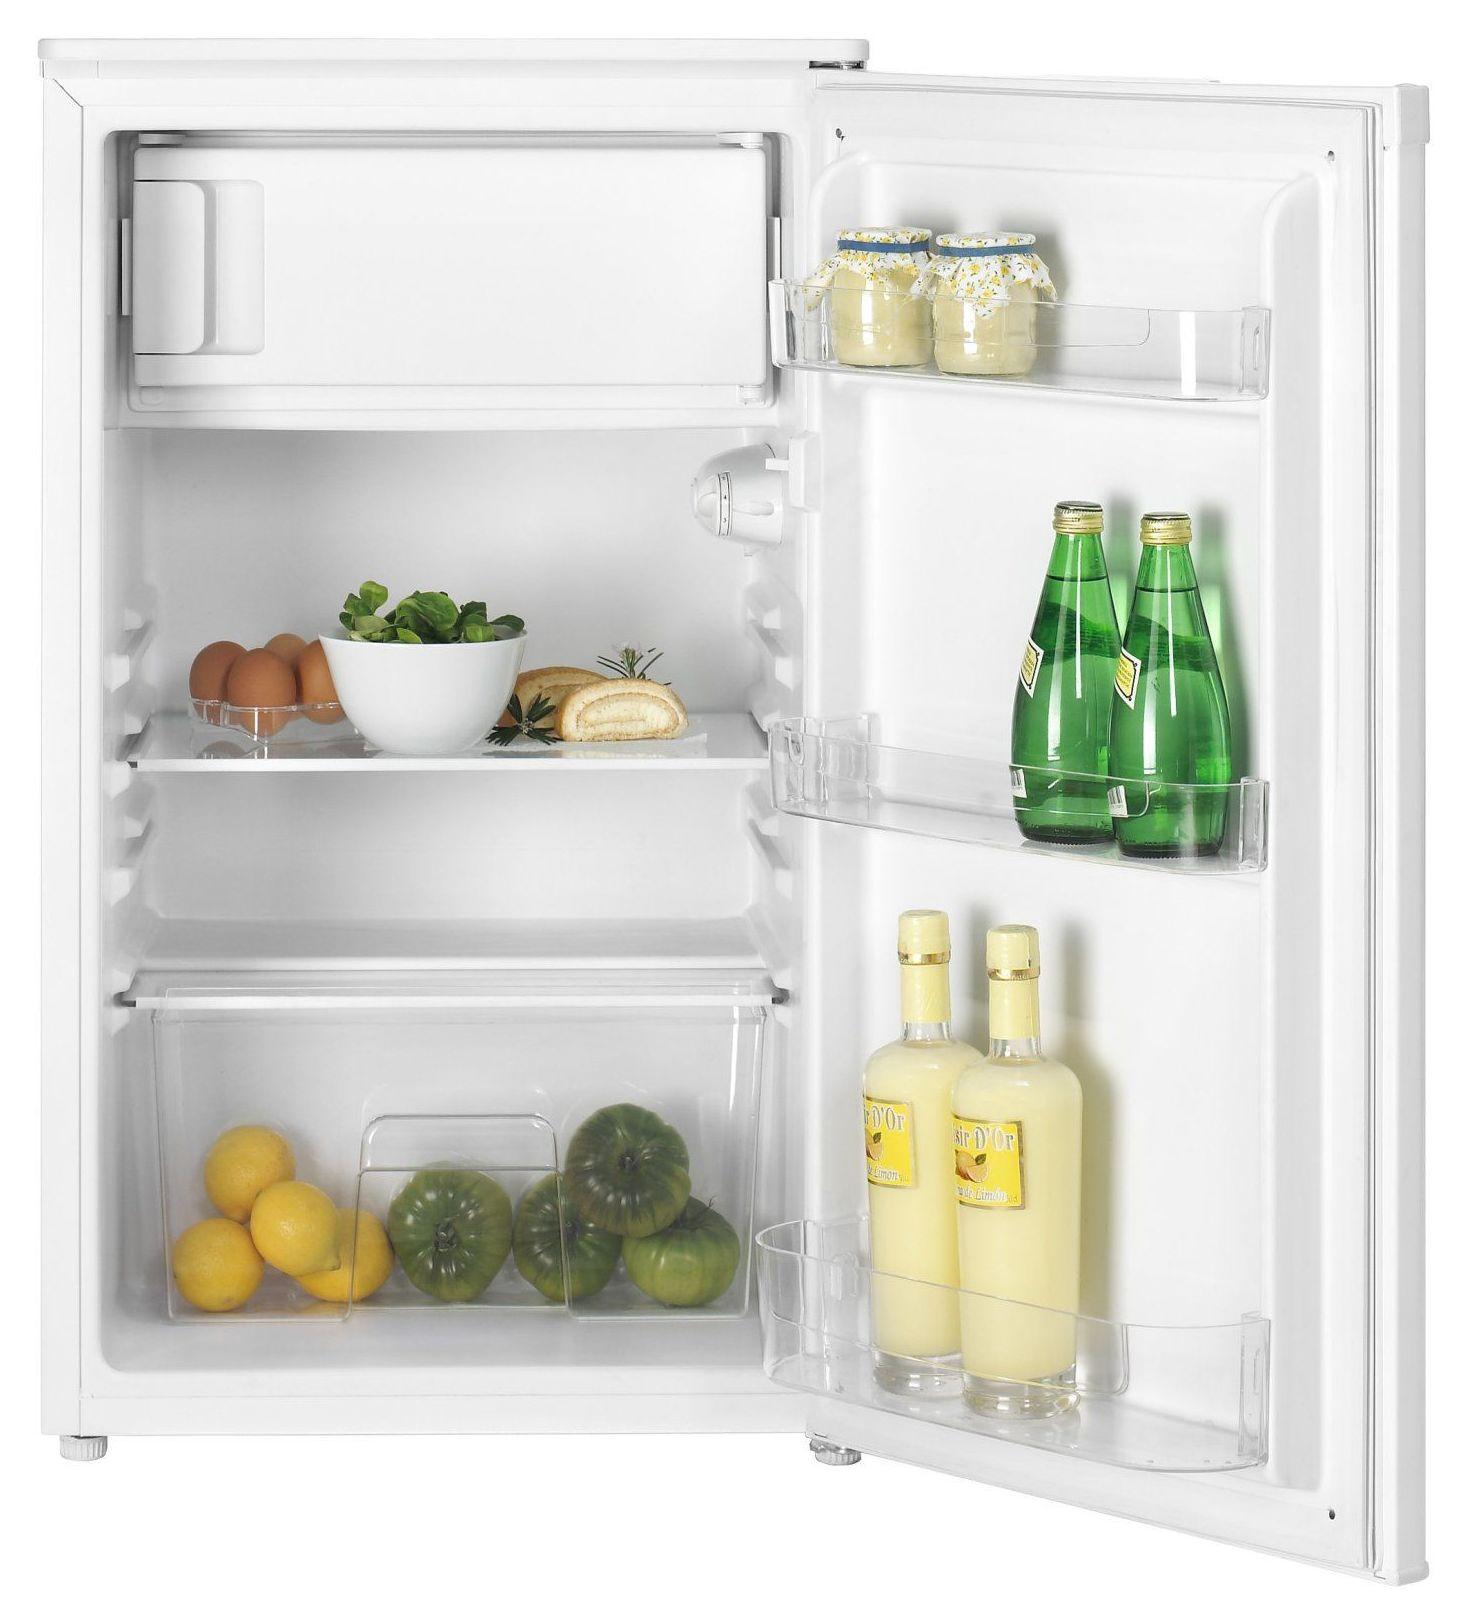 FRIG. TEKA TS138 85X50 BLANCO A+ ---159€: Productos y Ofertas de Don Electrodomésticos Tienda online